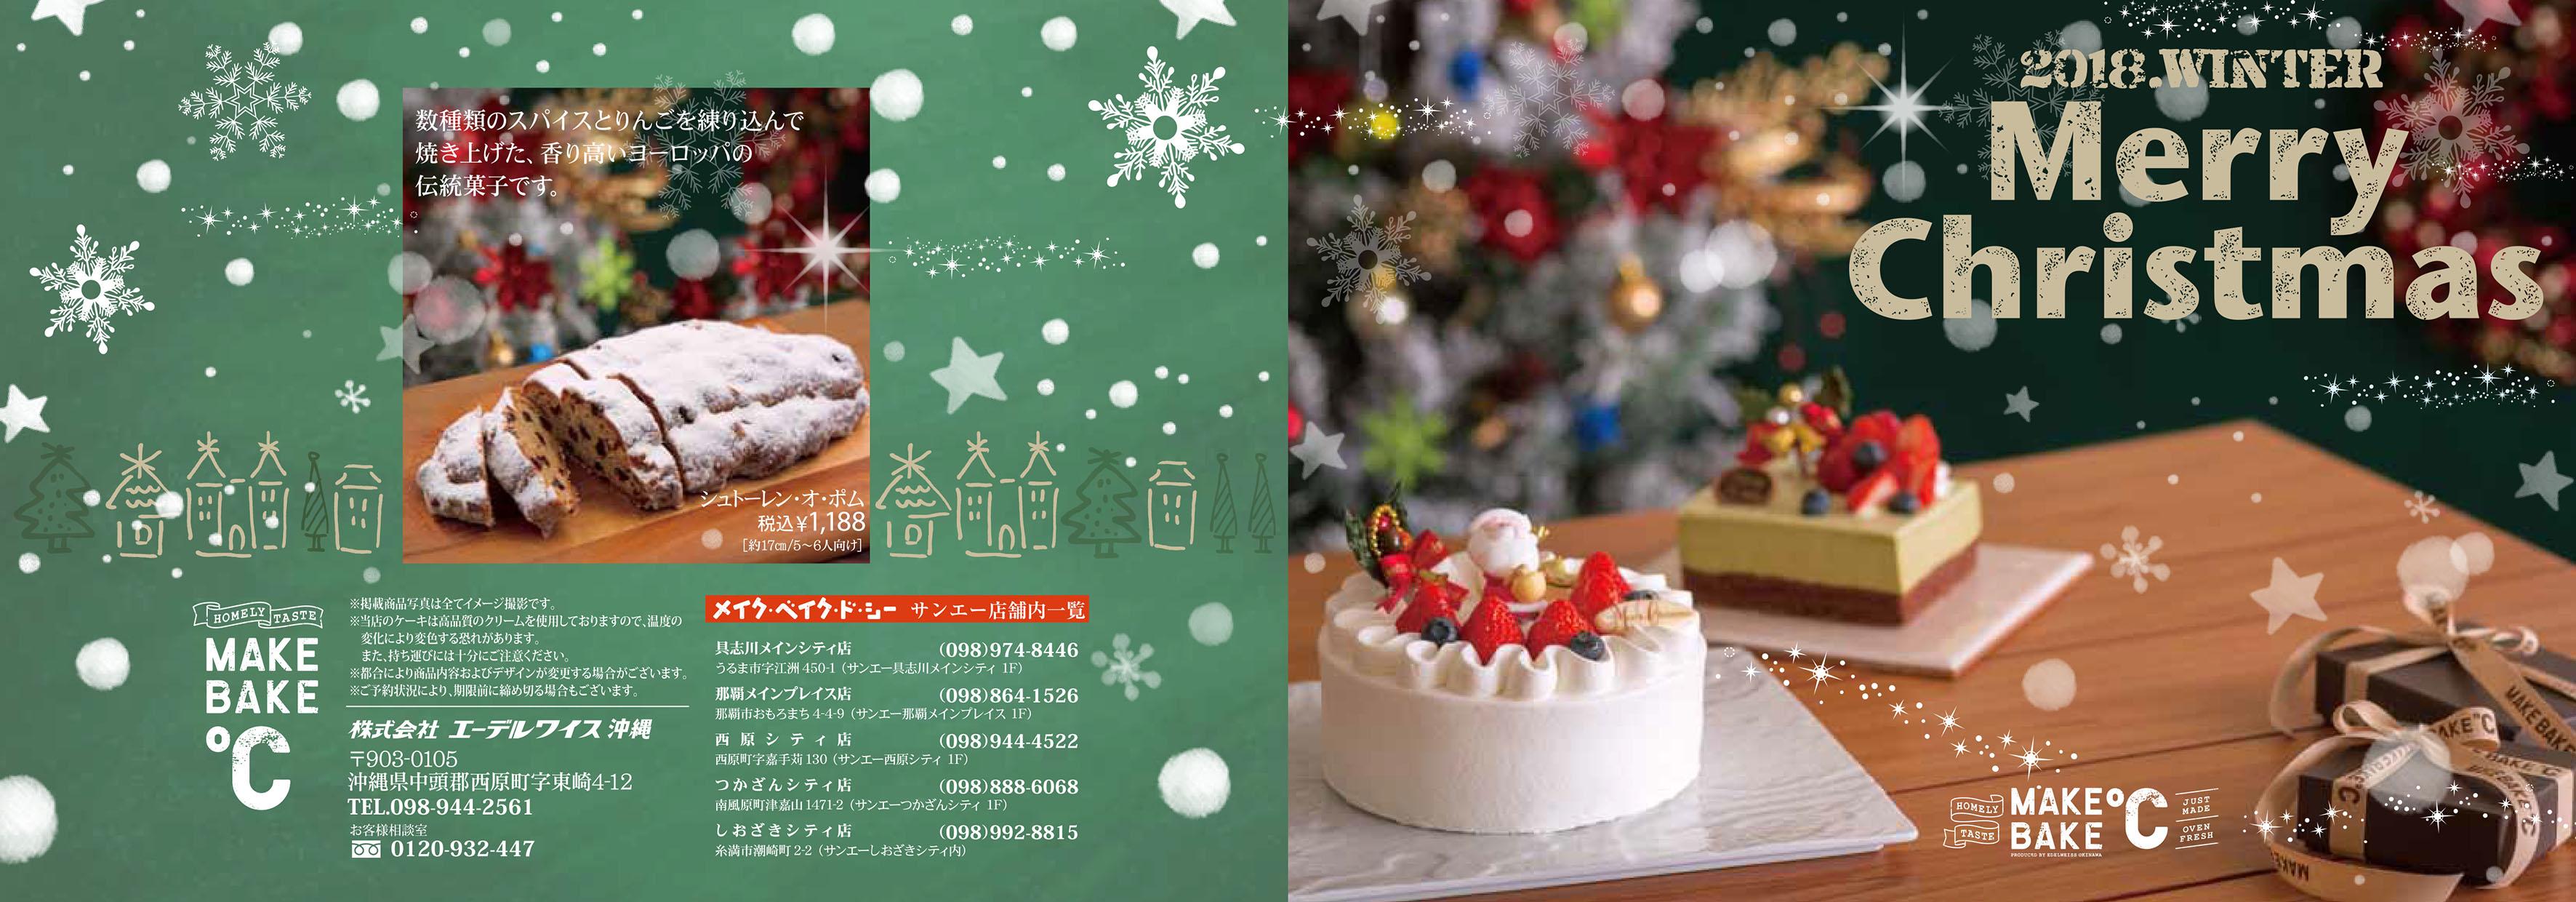 18MBCクリスマスパンフ表紙